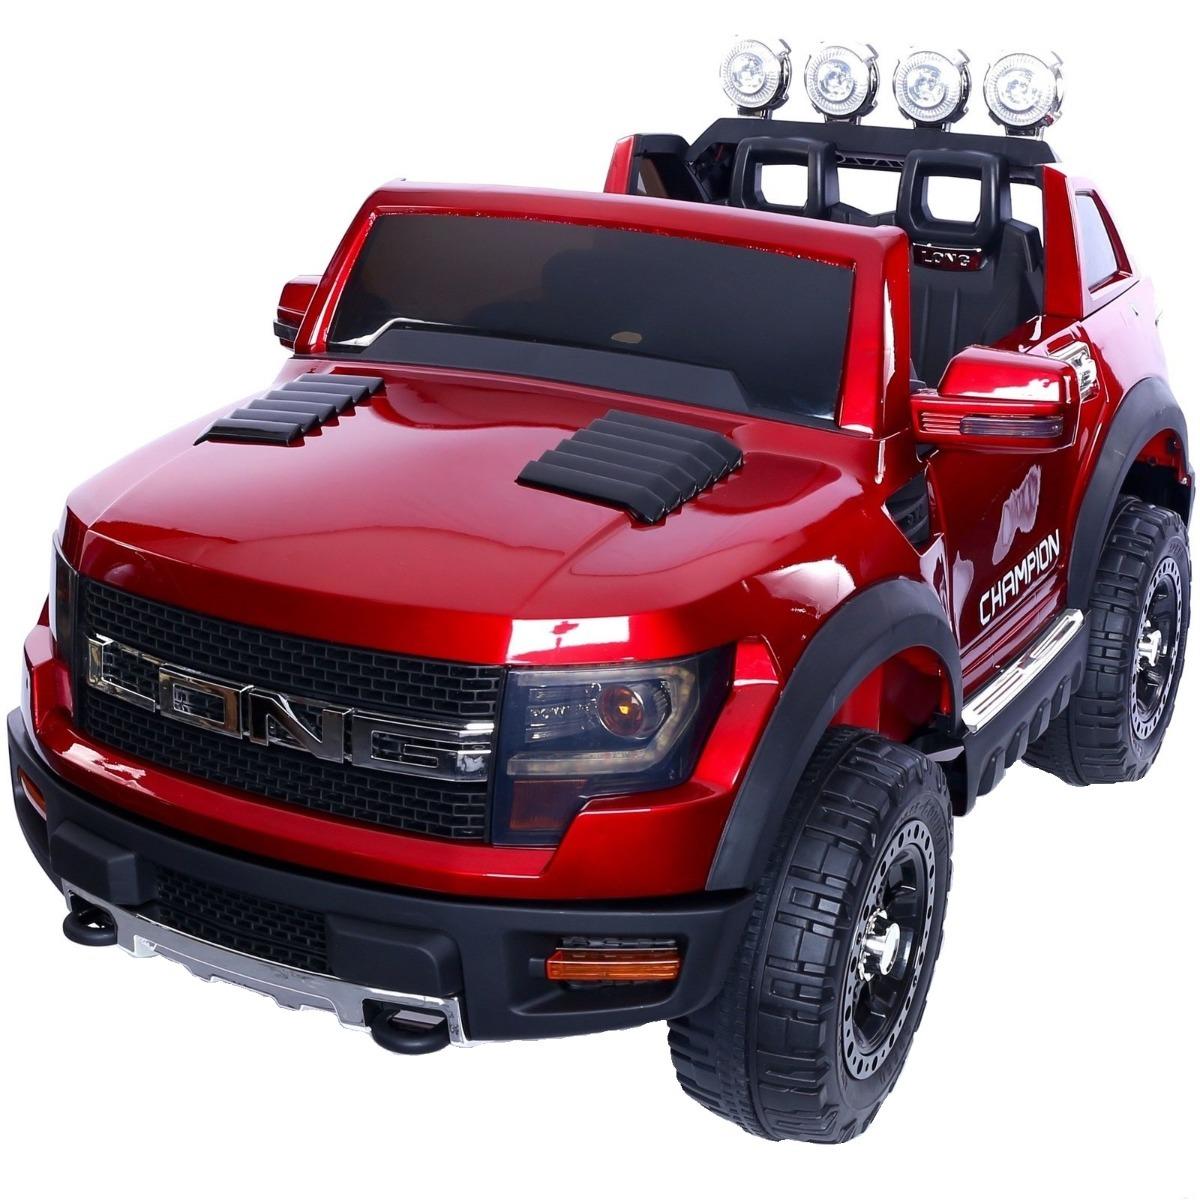 Camioneta Ford Raptor Full Control Remsilla Cuero Pintada   1099900 en Mercado Libre